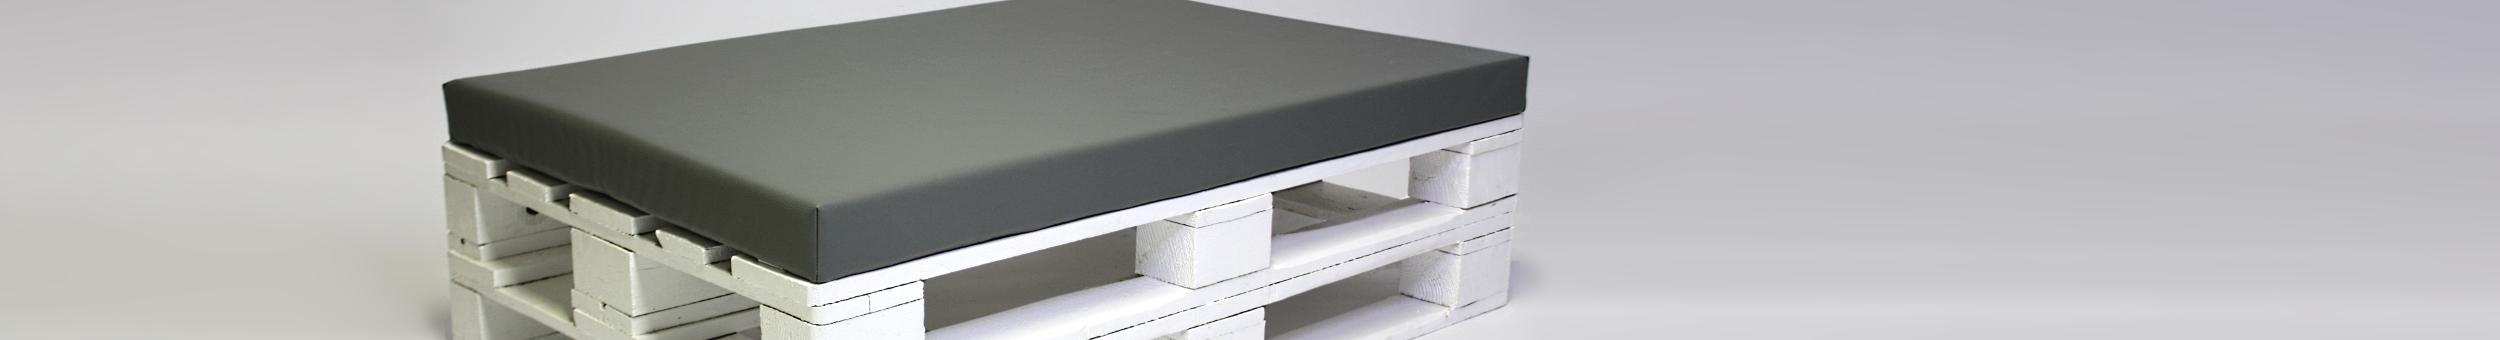 Palettenkissen Basic - Kunstleder - Kaufen bei SuperSack